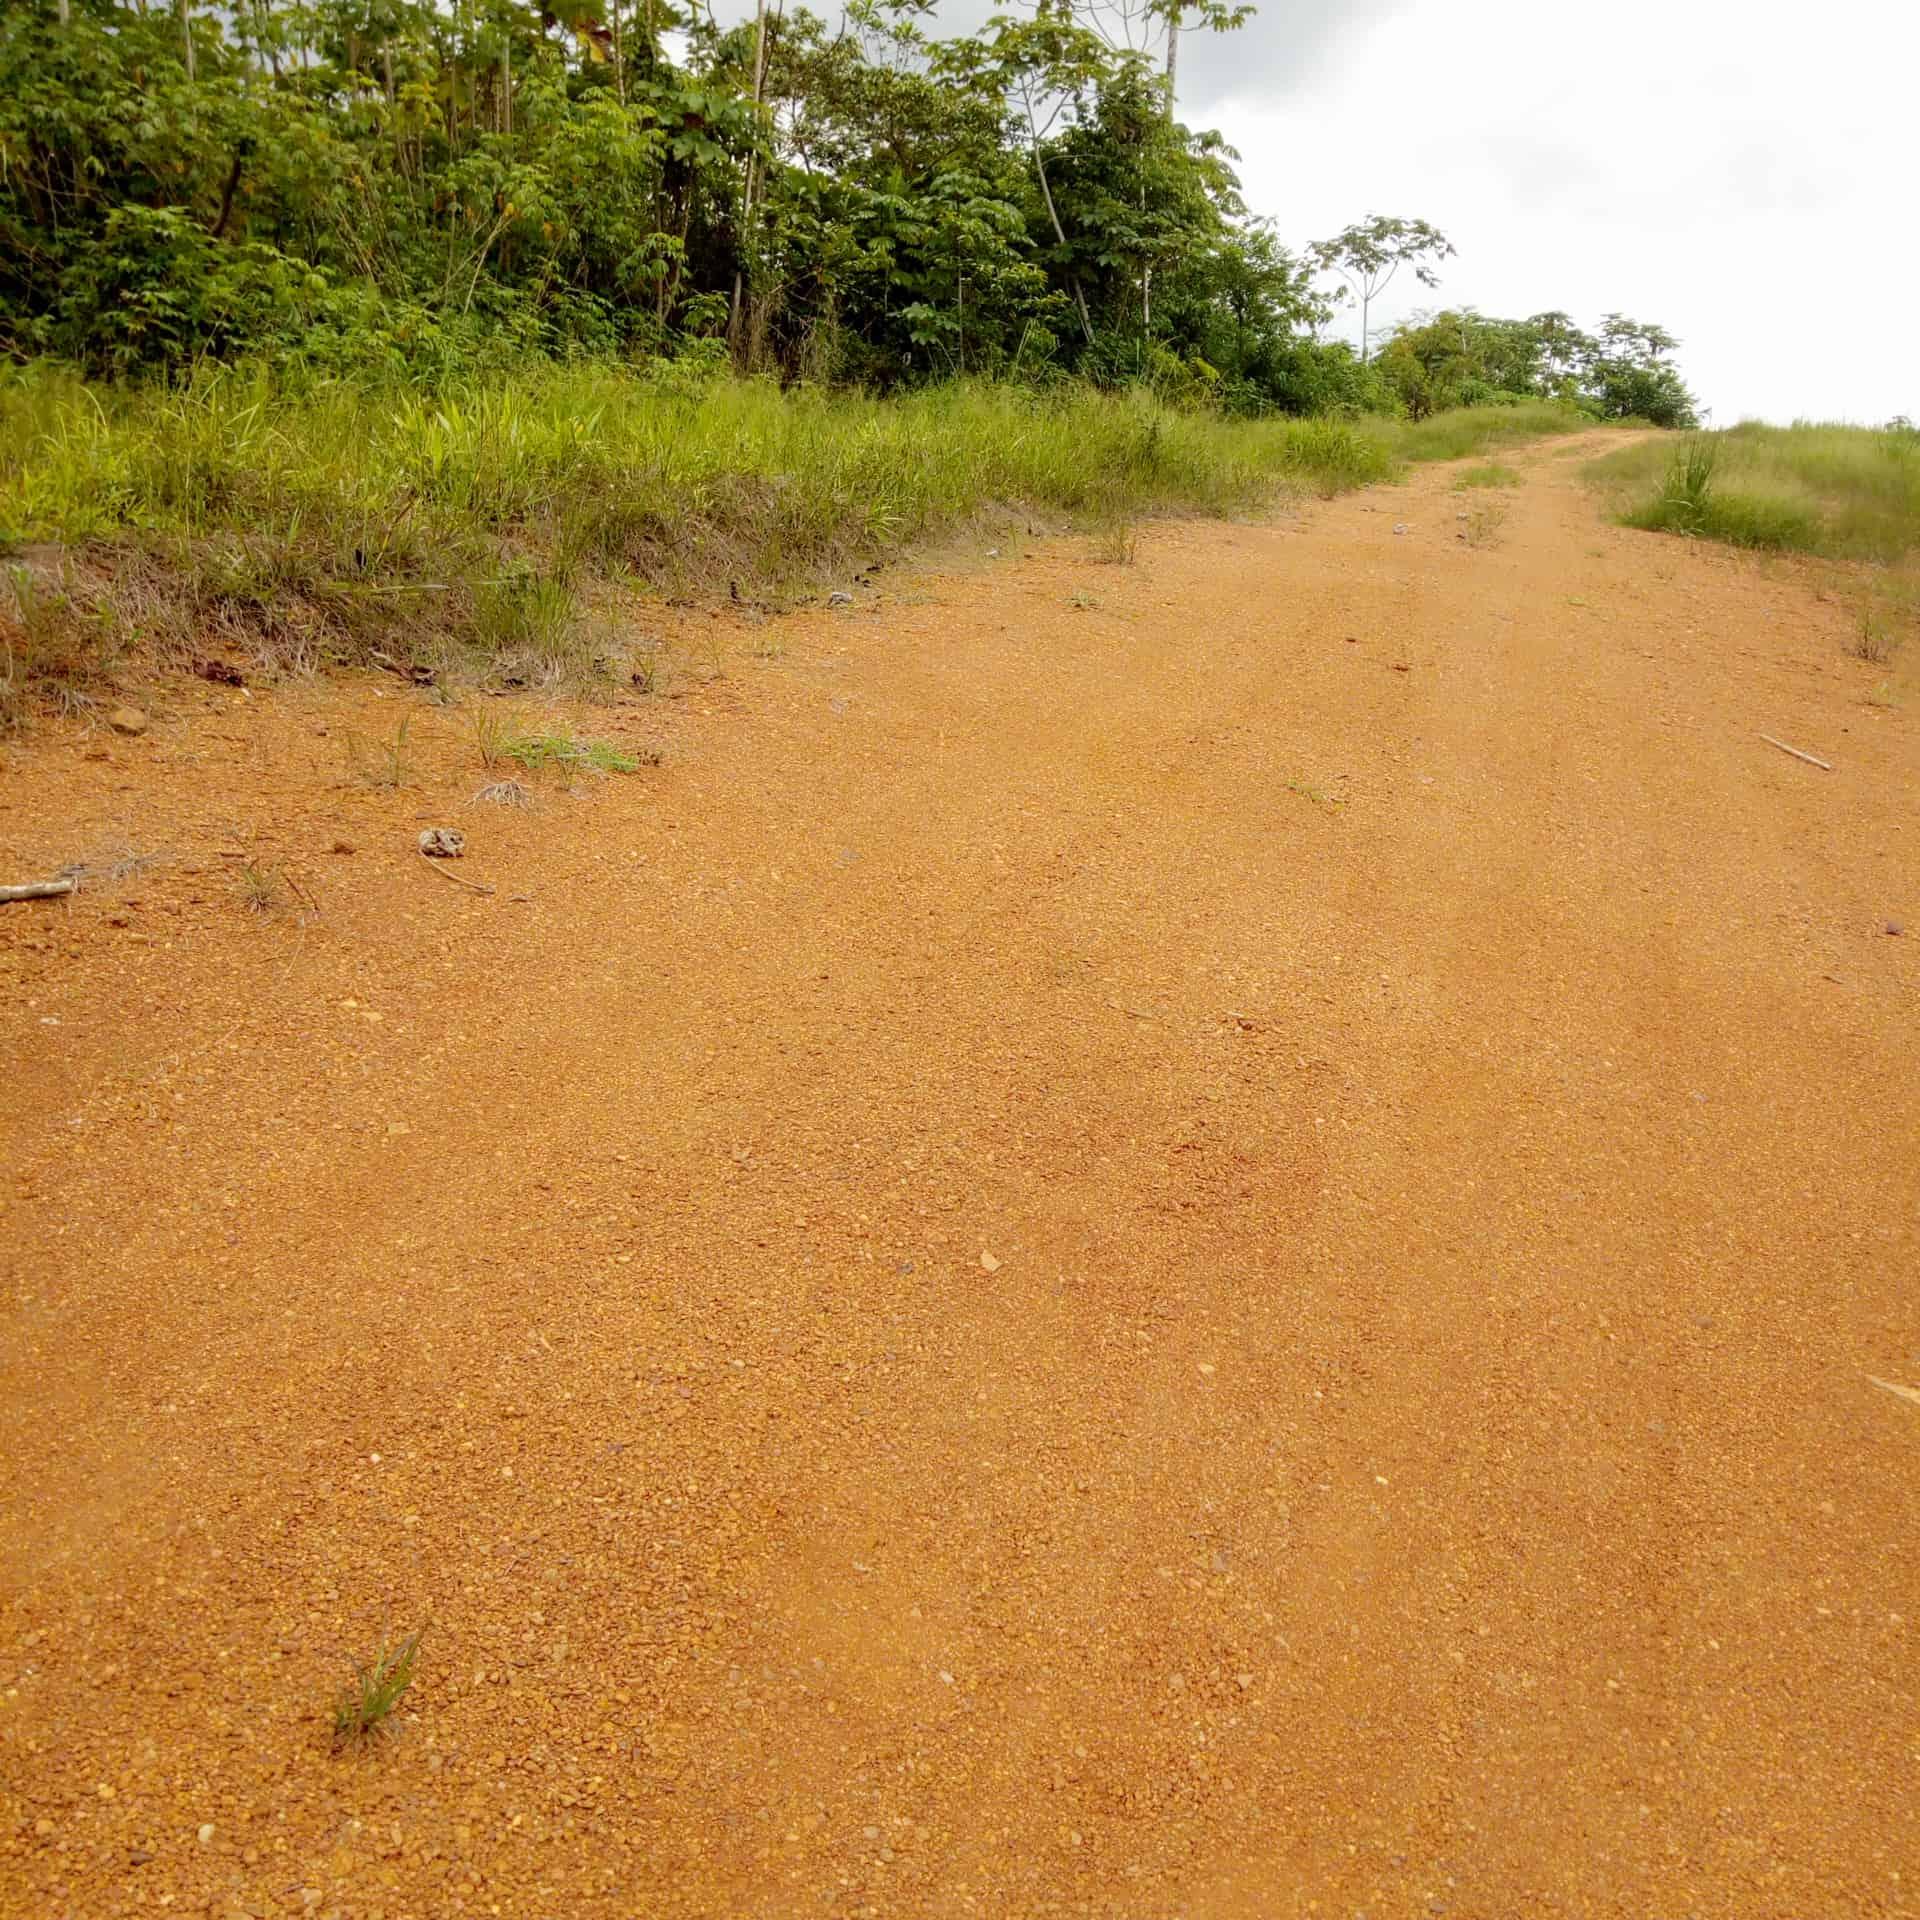 Land for sale at Yaoundé, Afanoyoa II, Binguela - 1000 m2 - 6 000 000 FCFA